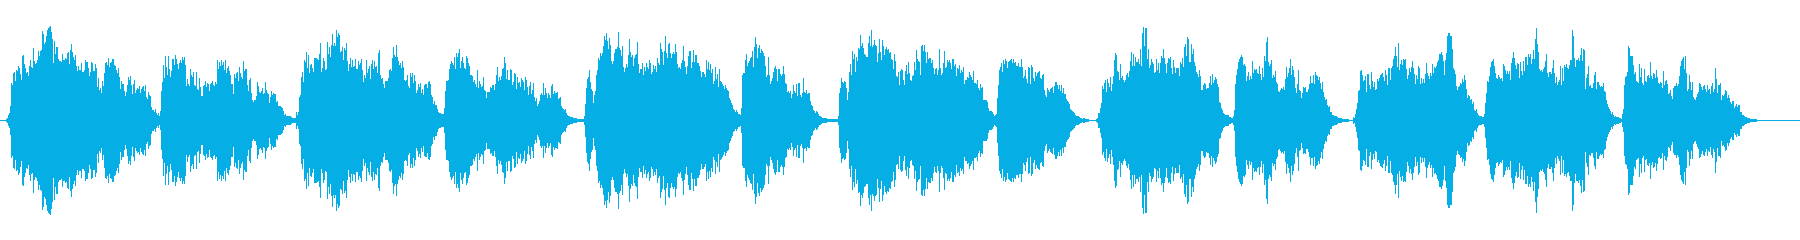 グレゴリオ聖歌 キリエⅣ 斉唱 教会音楽の再生済みの波形